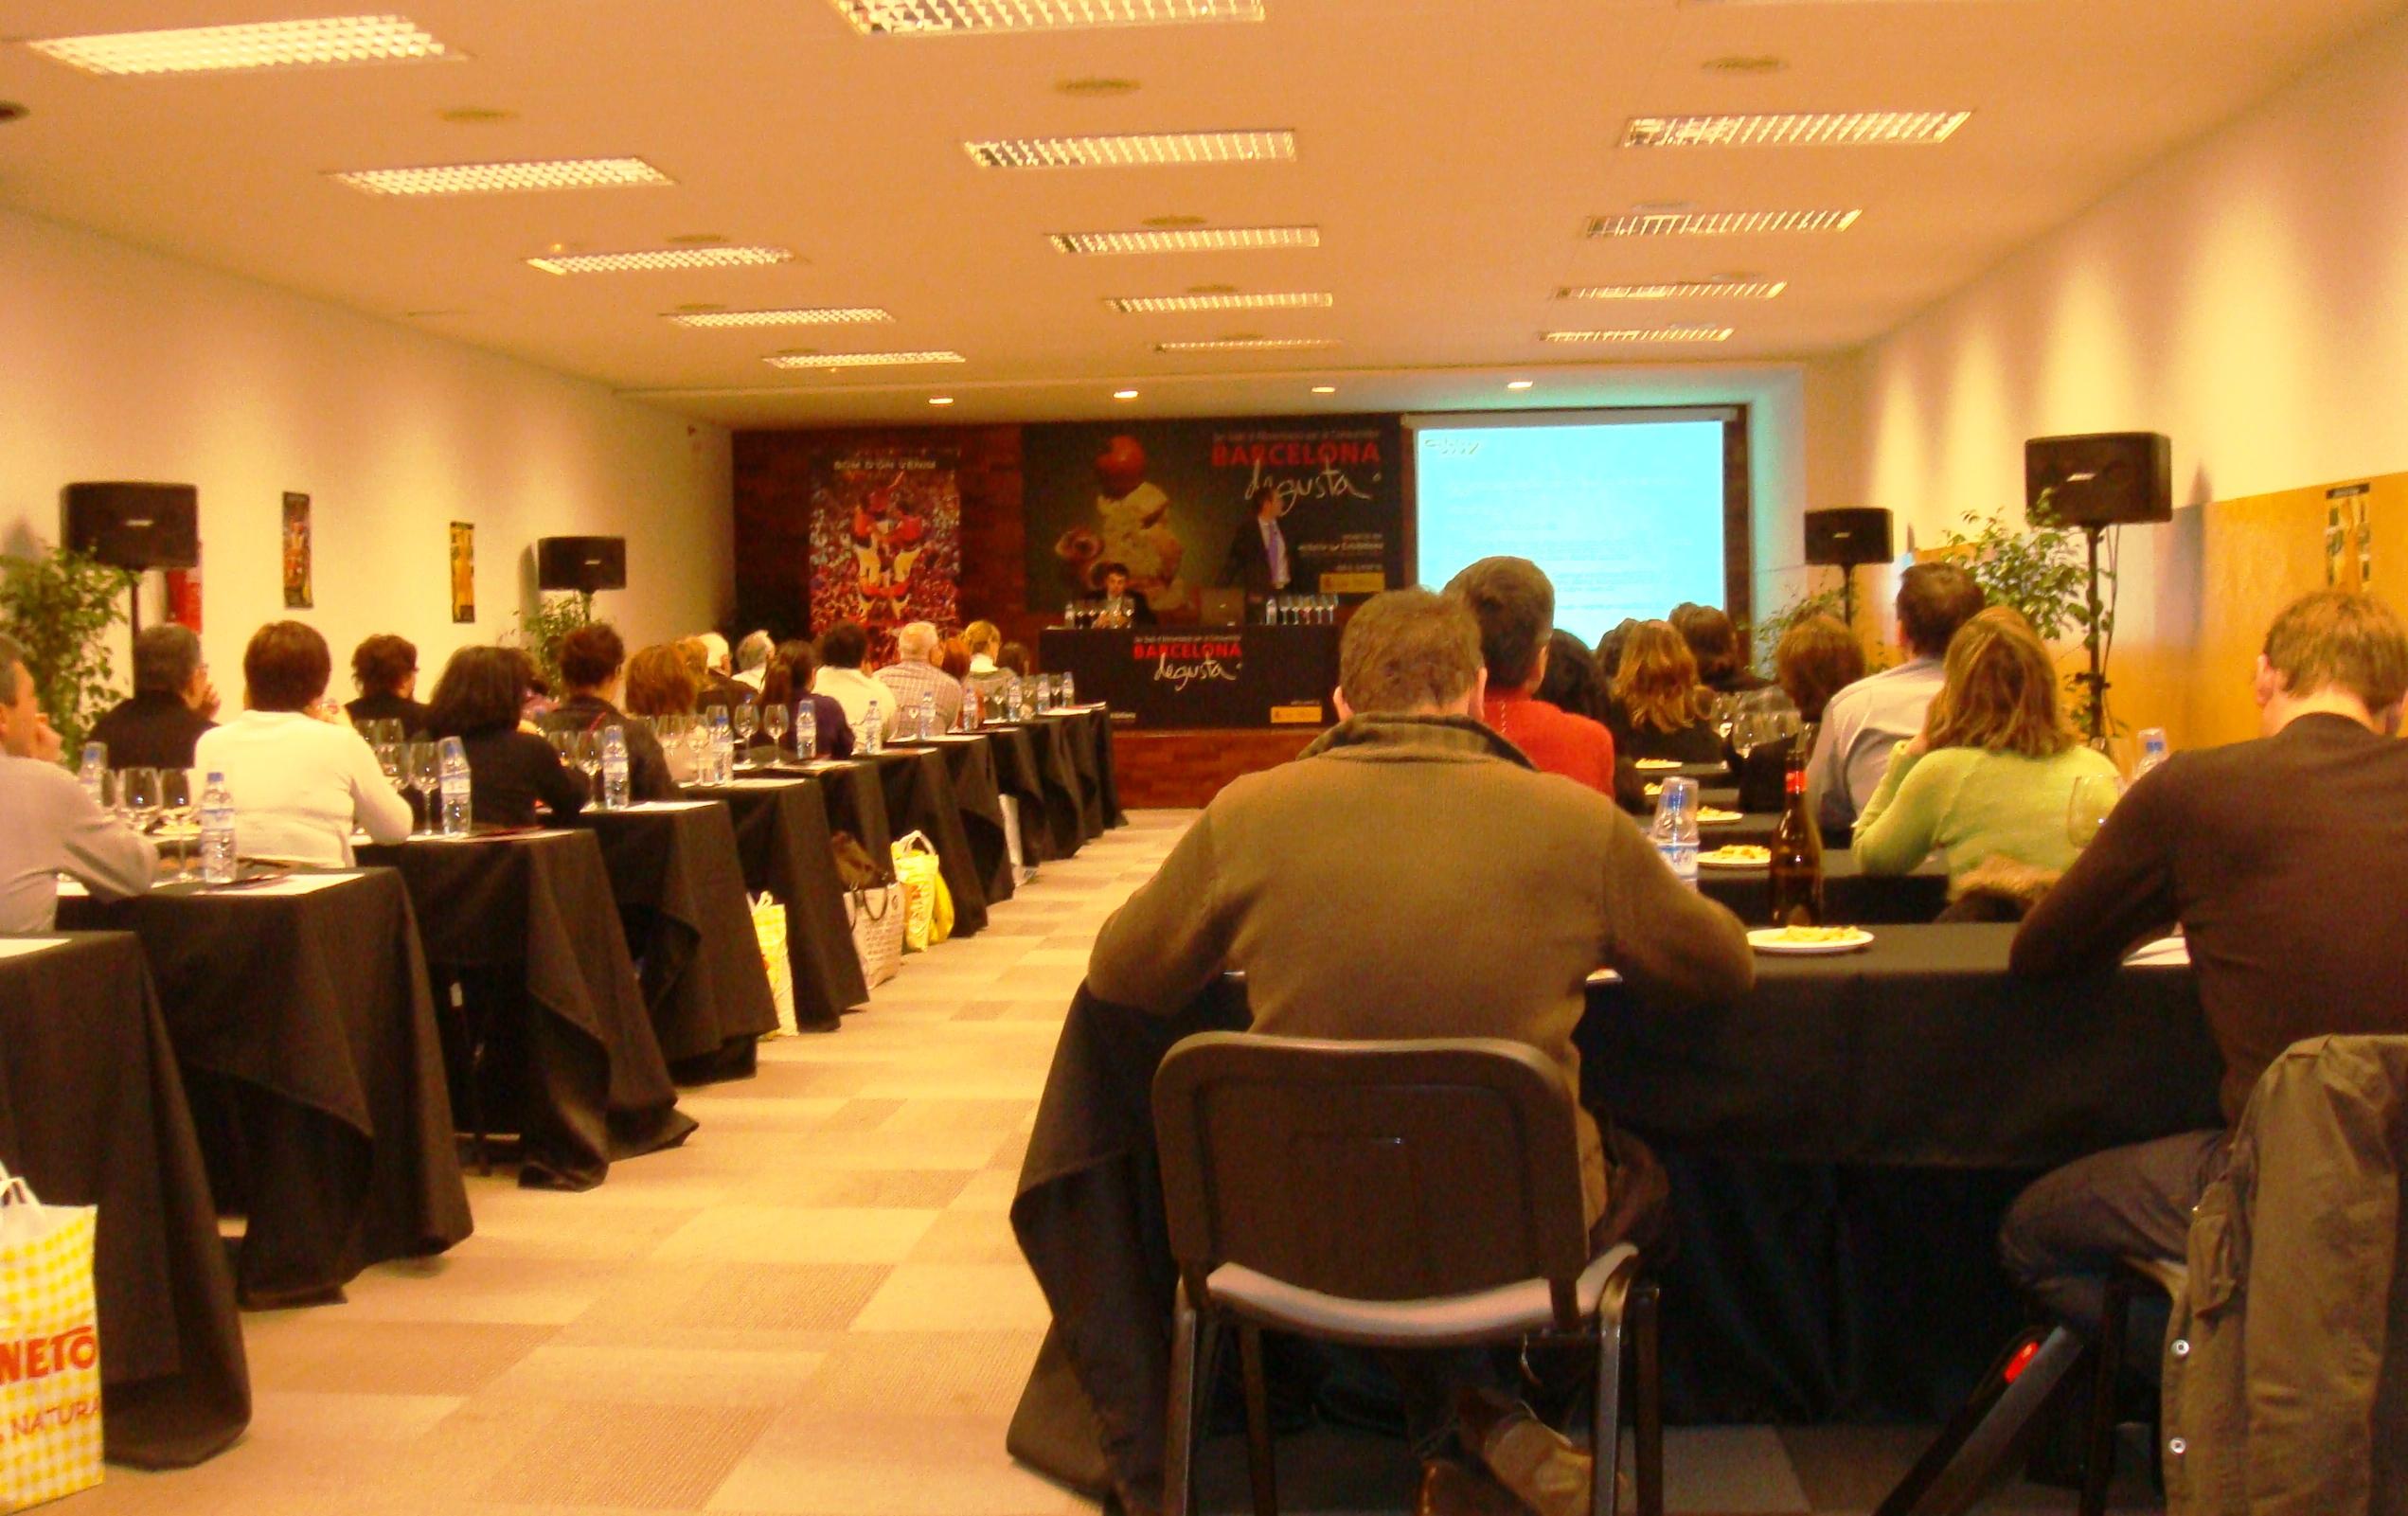 Tast de vins de la DO Catalunya al BCN Degusta